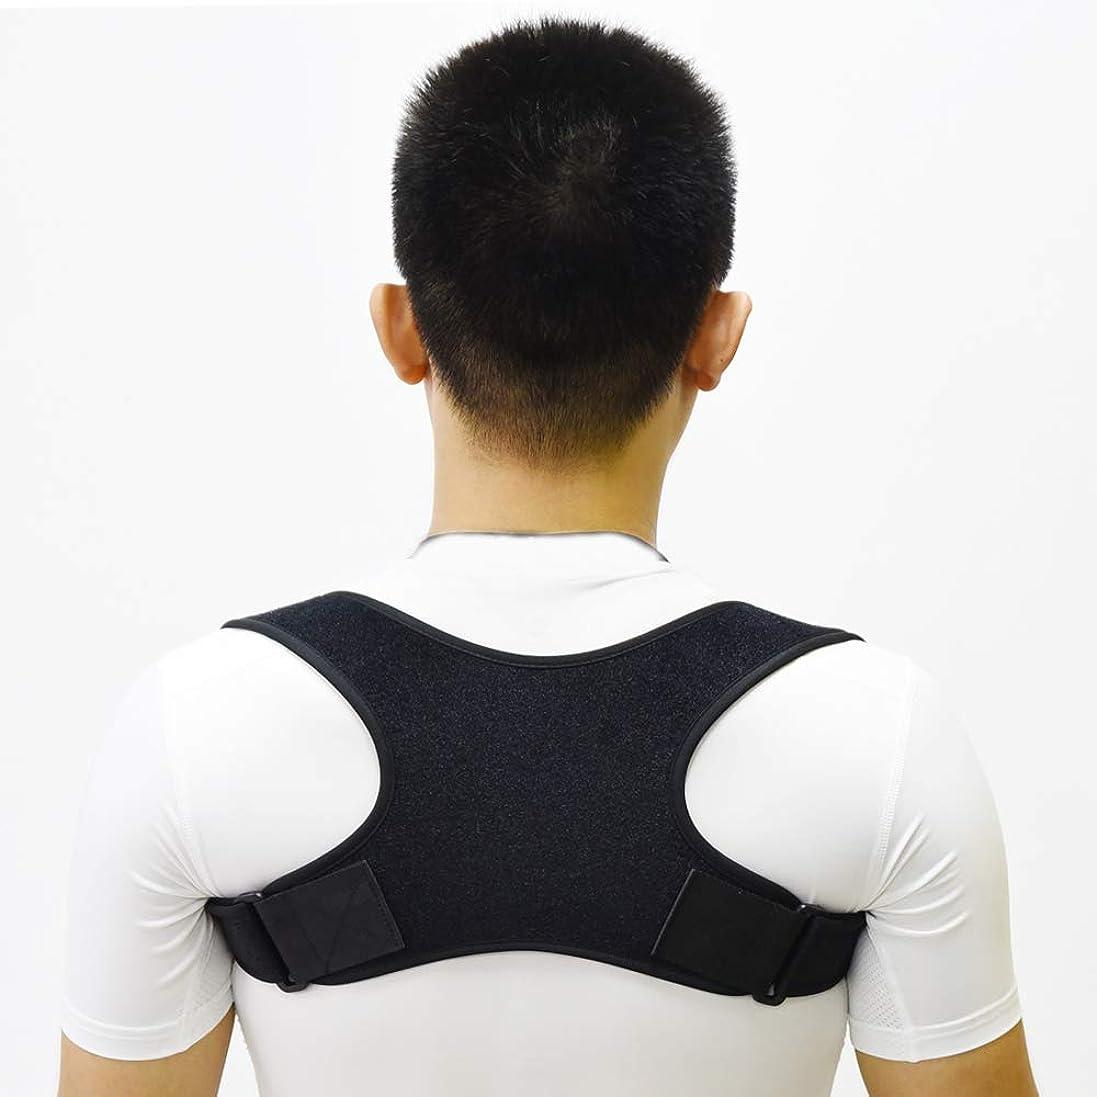 消す階下バイオリニストRakuby 快適 姿勢矯正器 鎖骨棘背中肩ブレース サポートベルト 姿勢矯正リリーフネック 痛みボディウェルネスデバイス